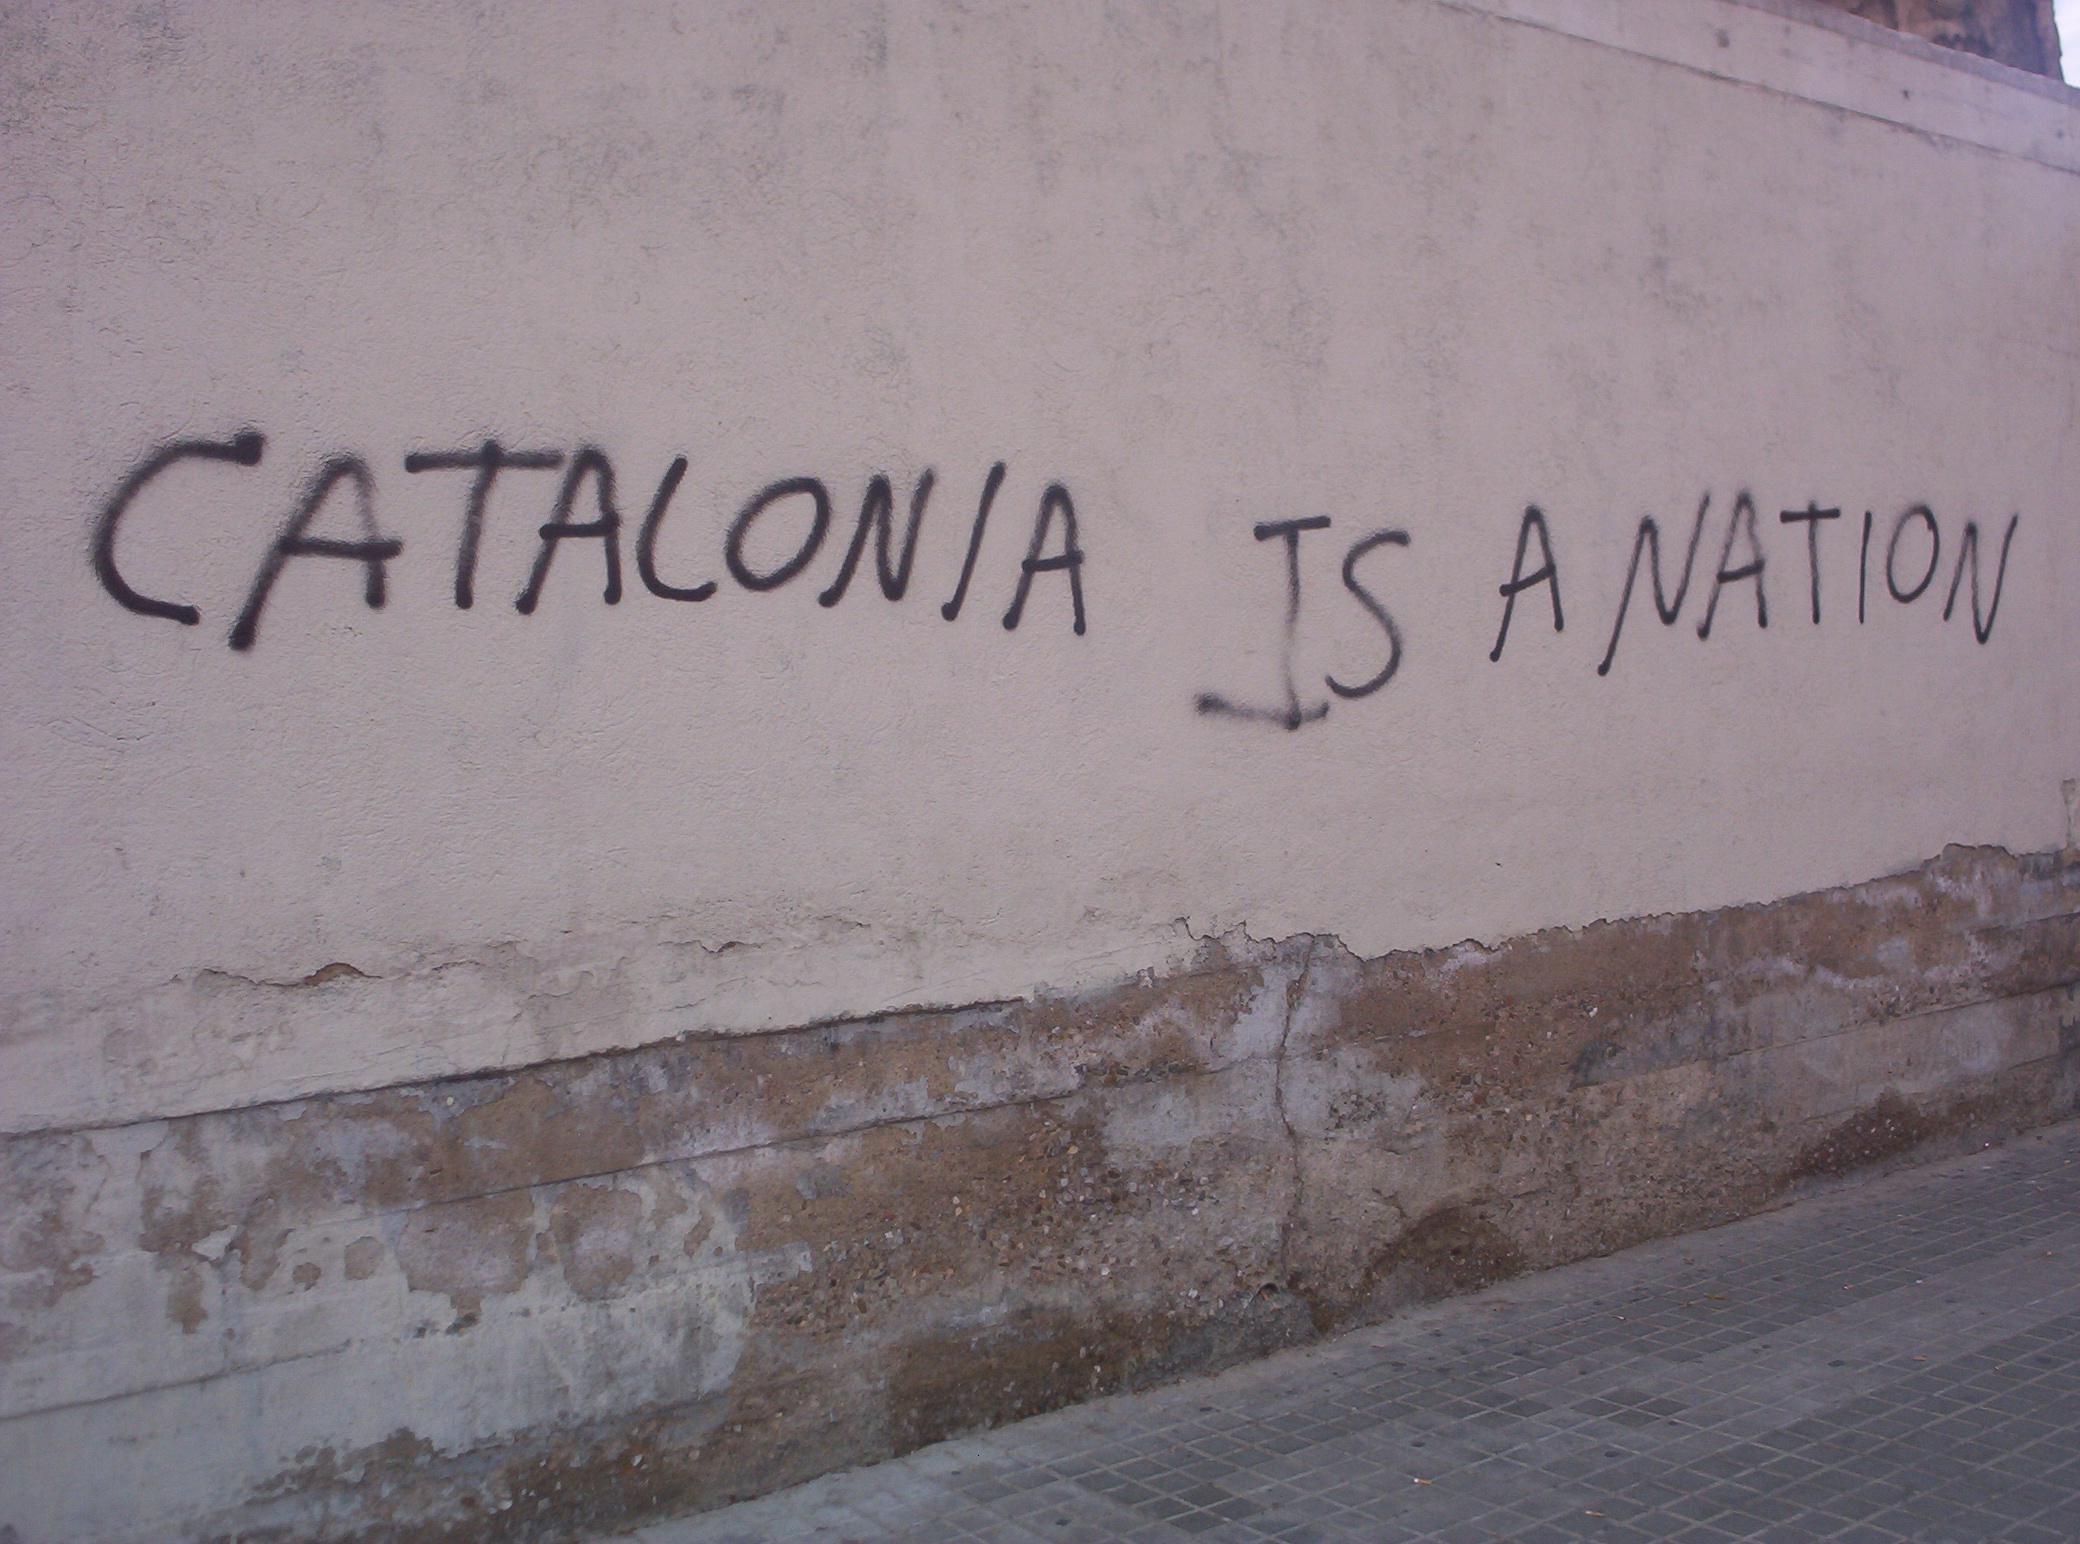 Catalonia_nation